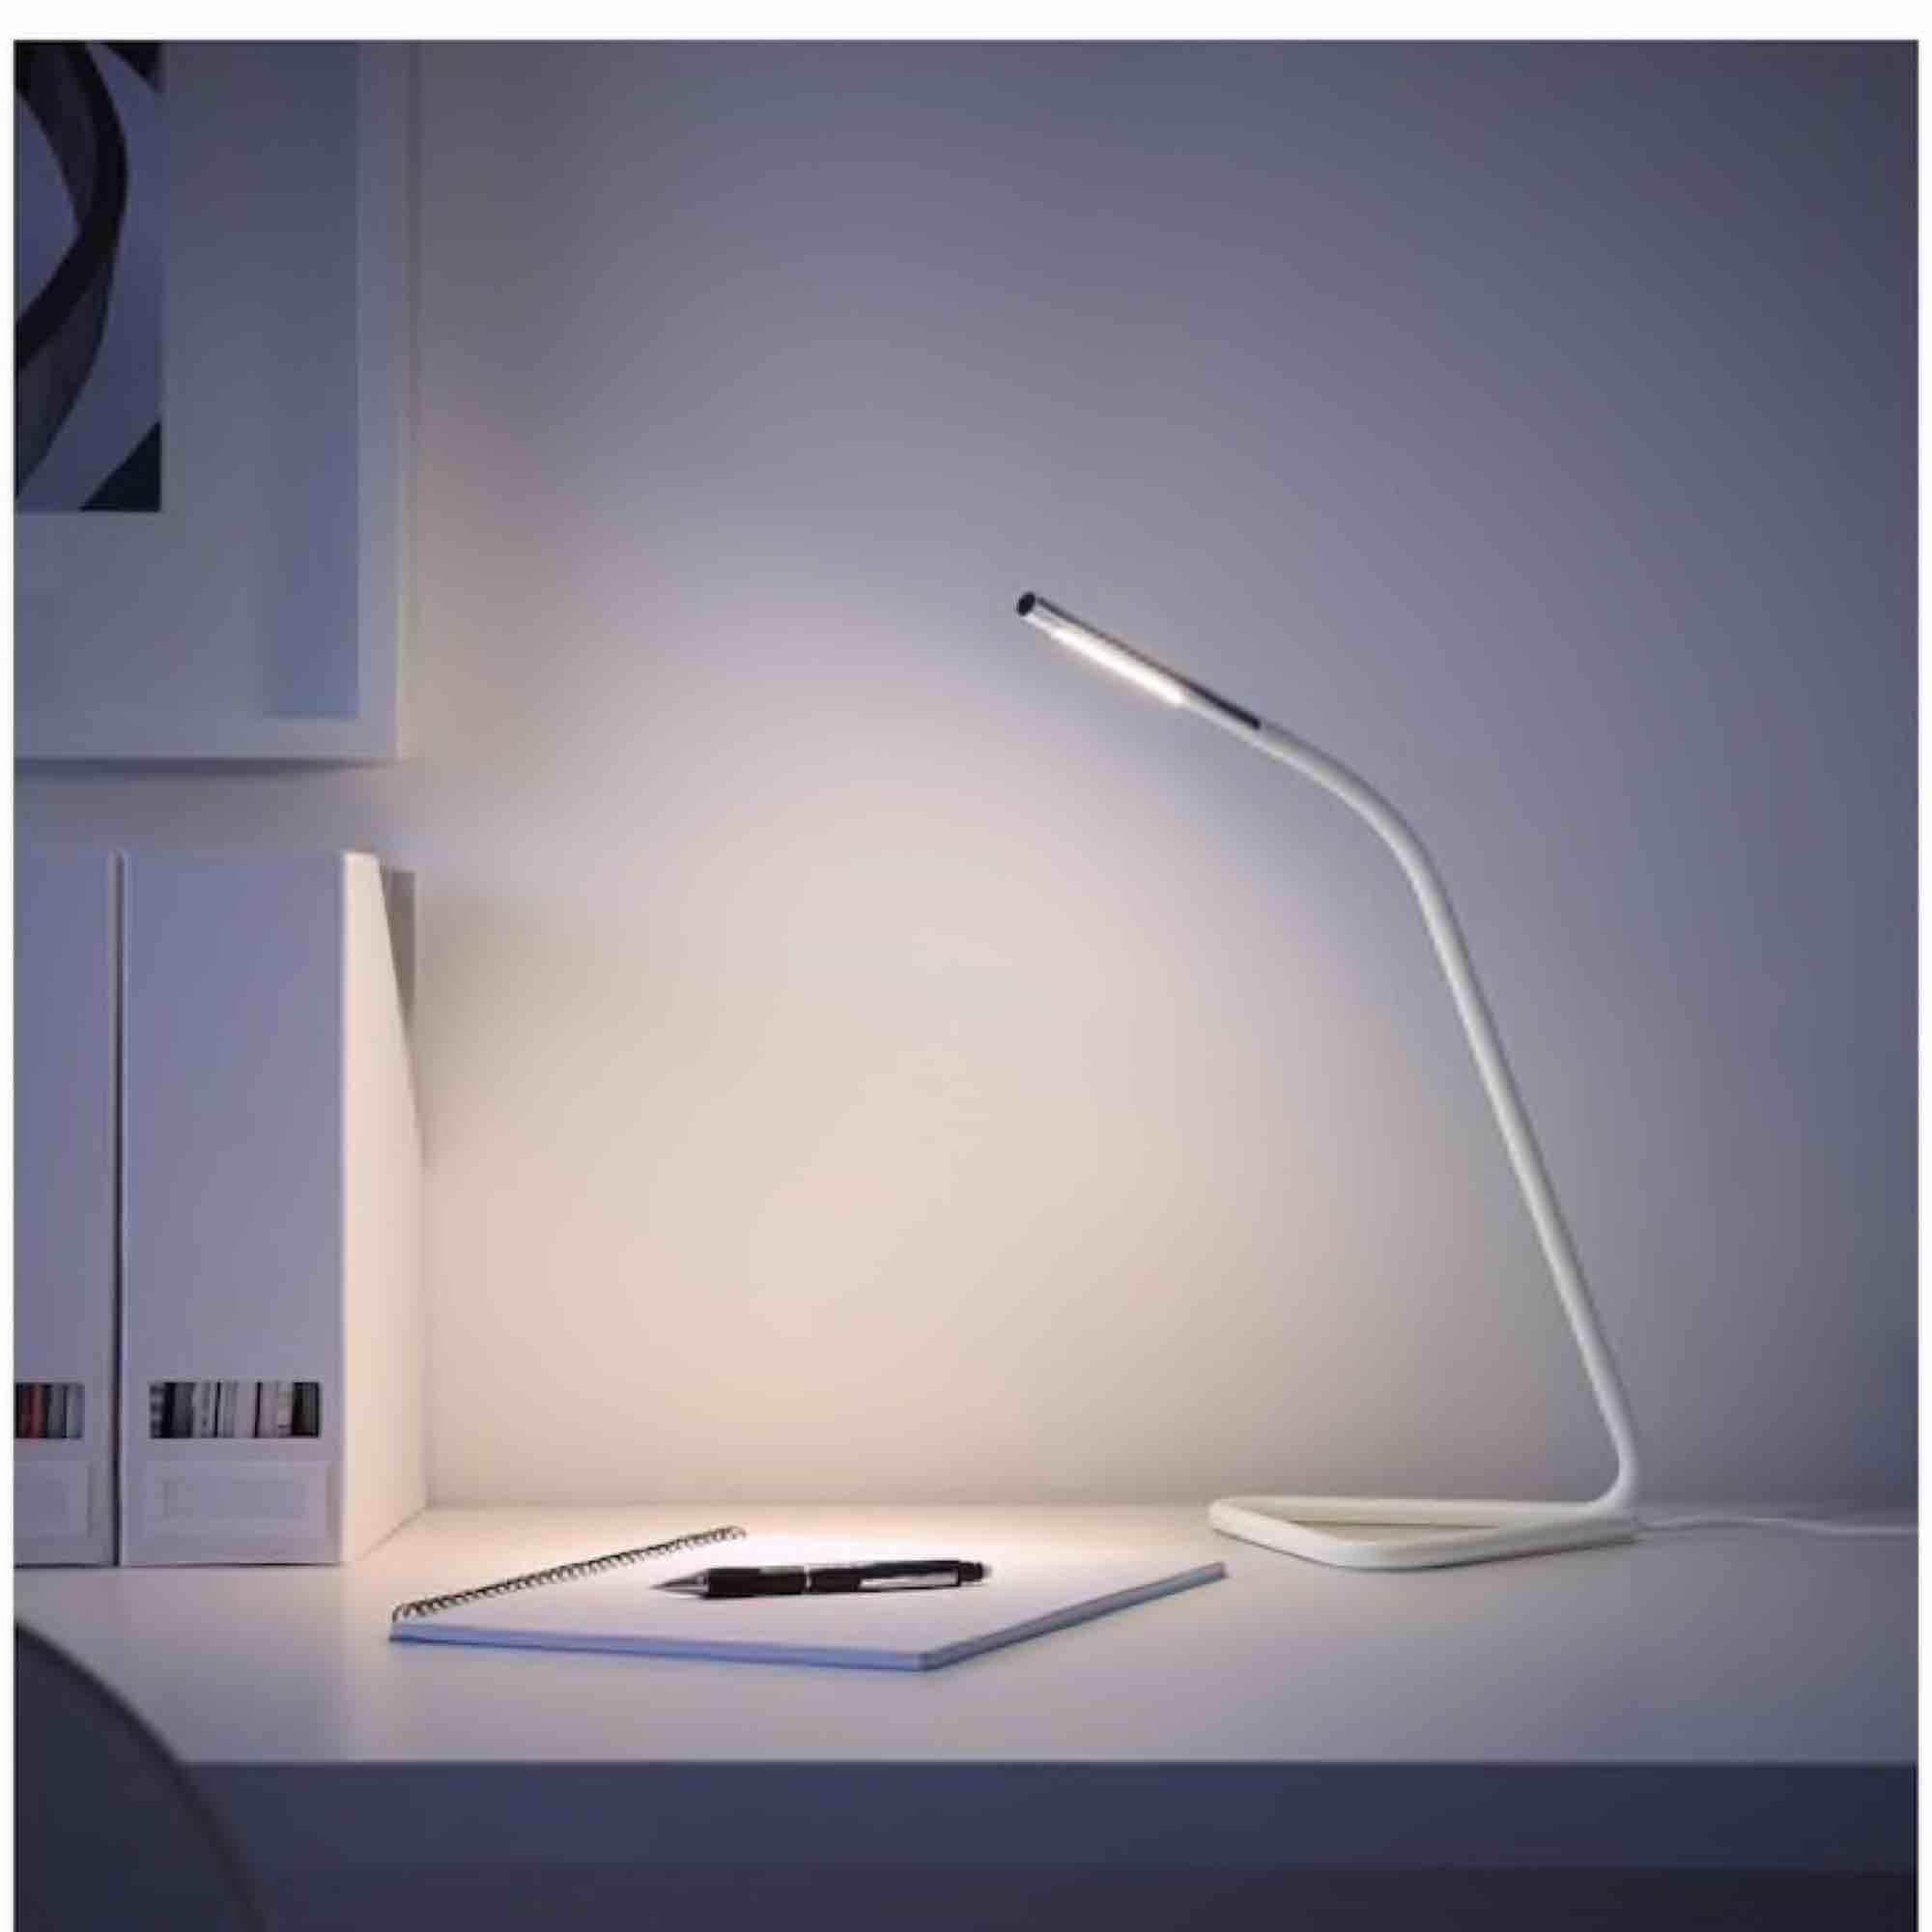 """Vit """"Hårte LED arbetslampa"""" från IKEA. Lampan kan ges ström via både ett vanligt vägguttag och USB-porten på dator. Lampans huvud är justerbart. Ljuset kan riktas både uppåt och nedåt.. Övrigt."""